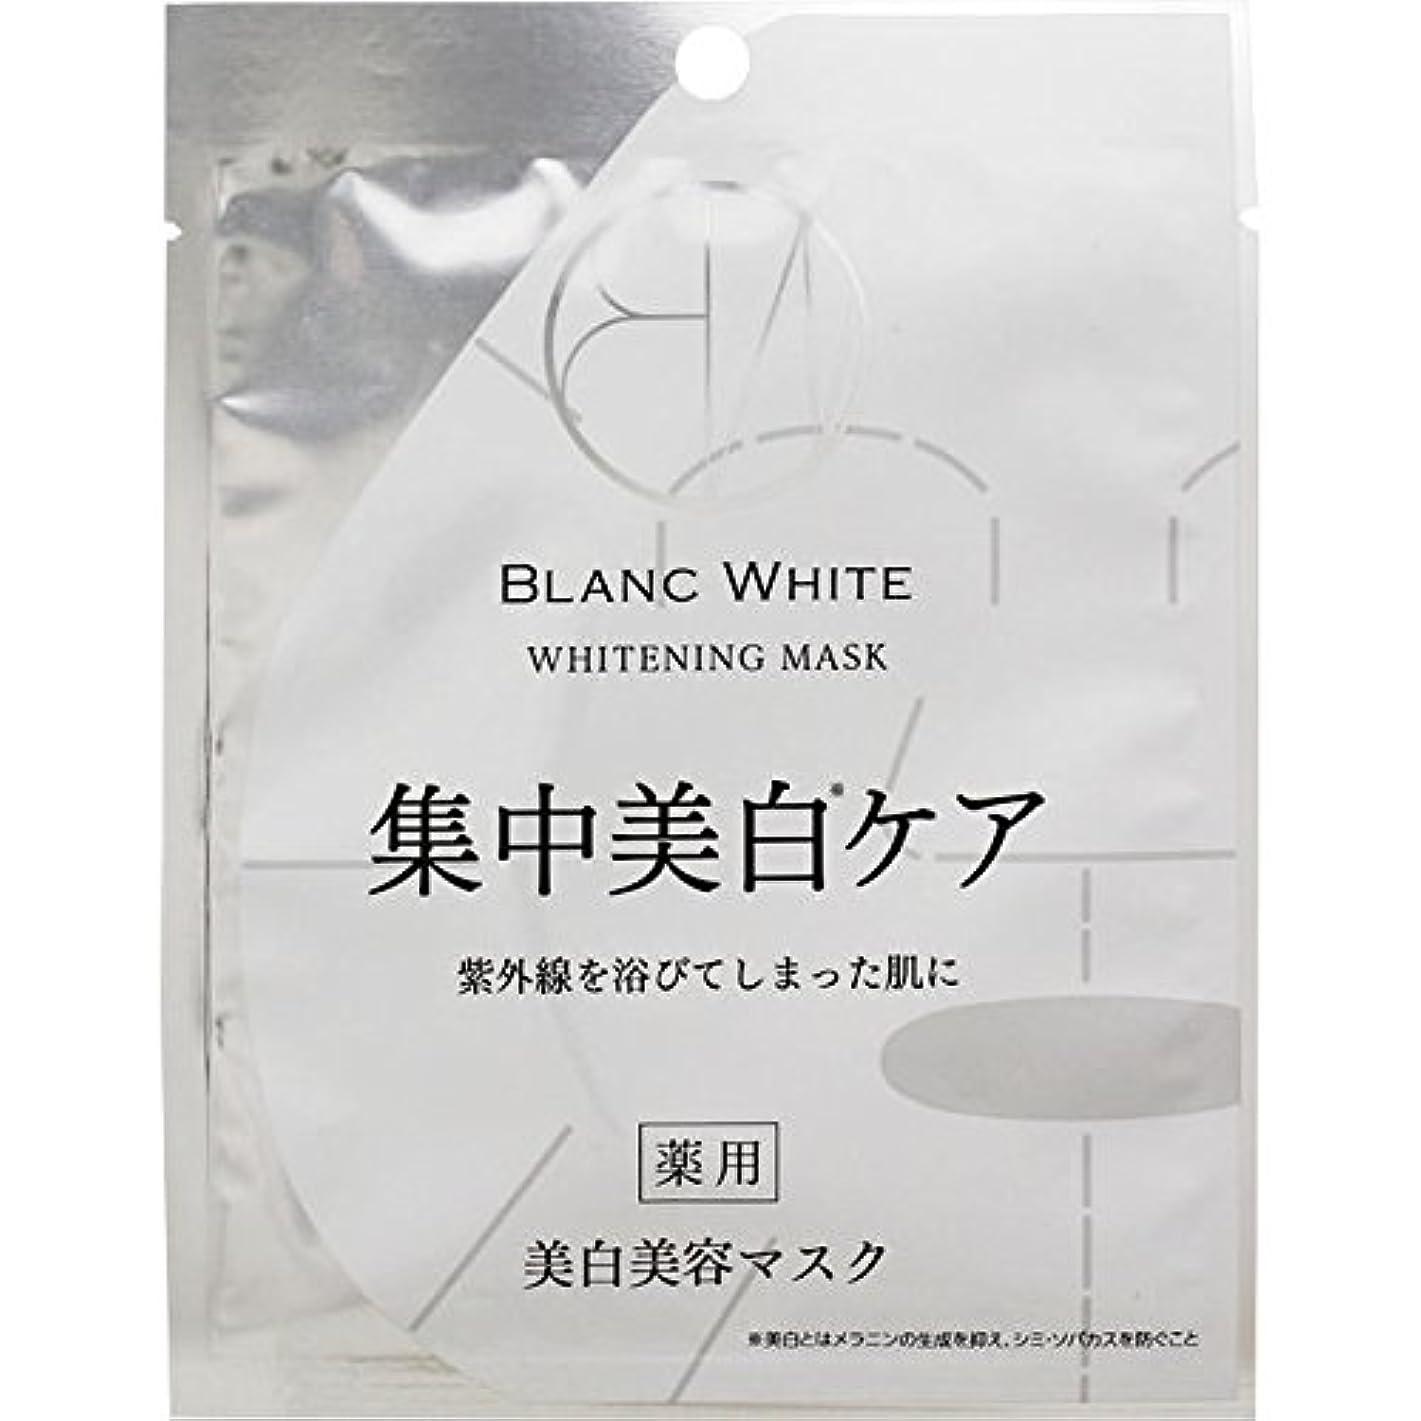 つぼみの慈悲で繰り返すブランホワイト ホワイトニングマスク 1枚【21ml】 (医薬部外品)